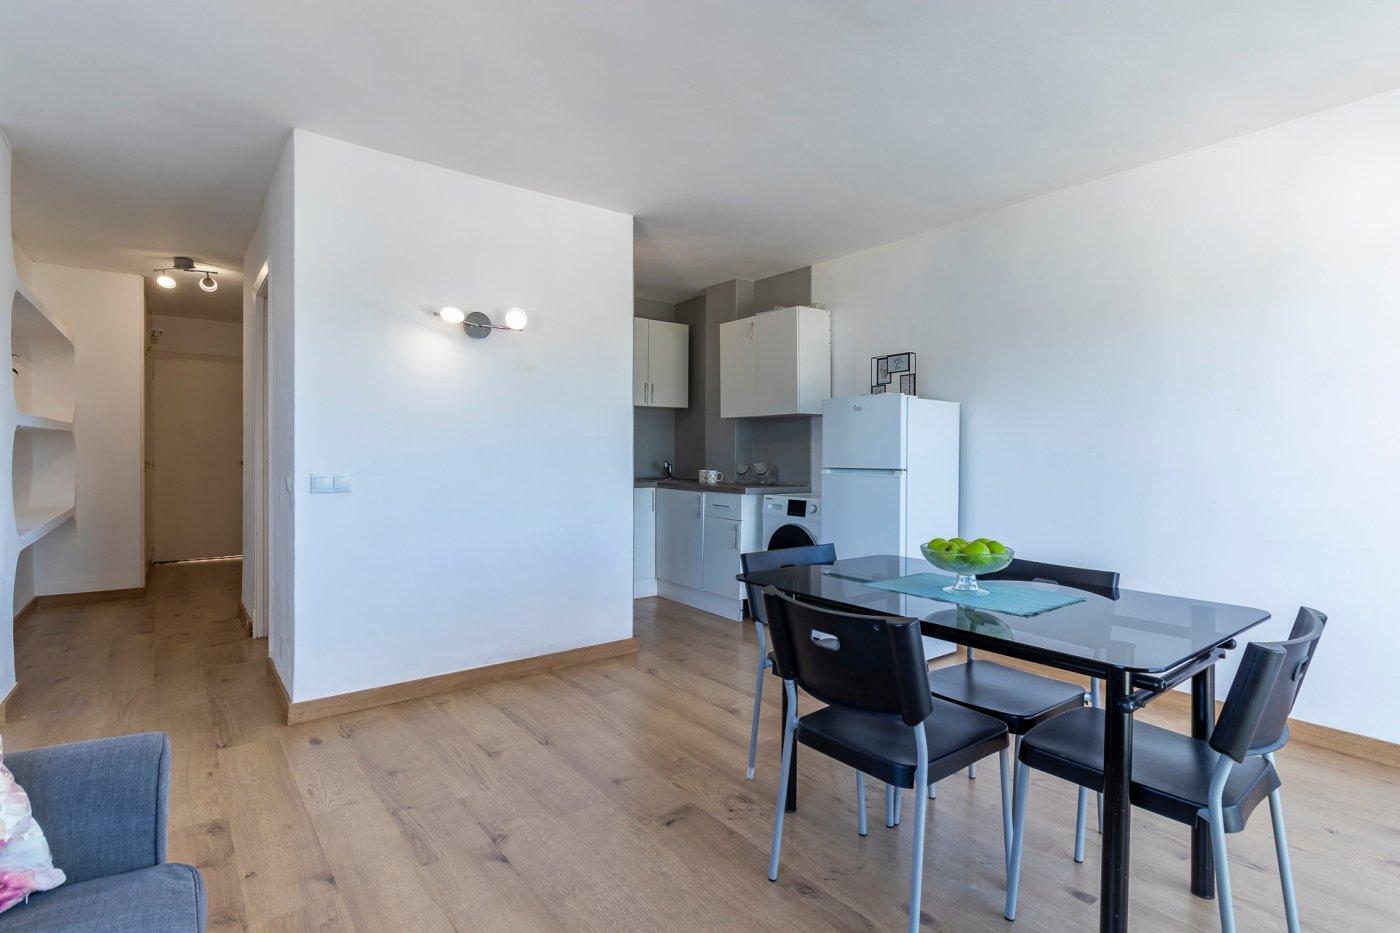 Precioso apartamento con vistas al mar en magaluf, calvia - imagenInmueble6